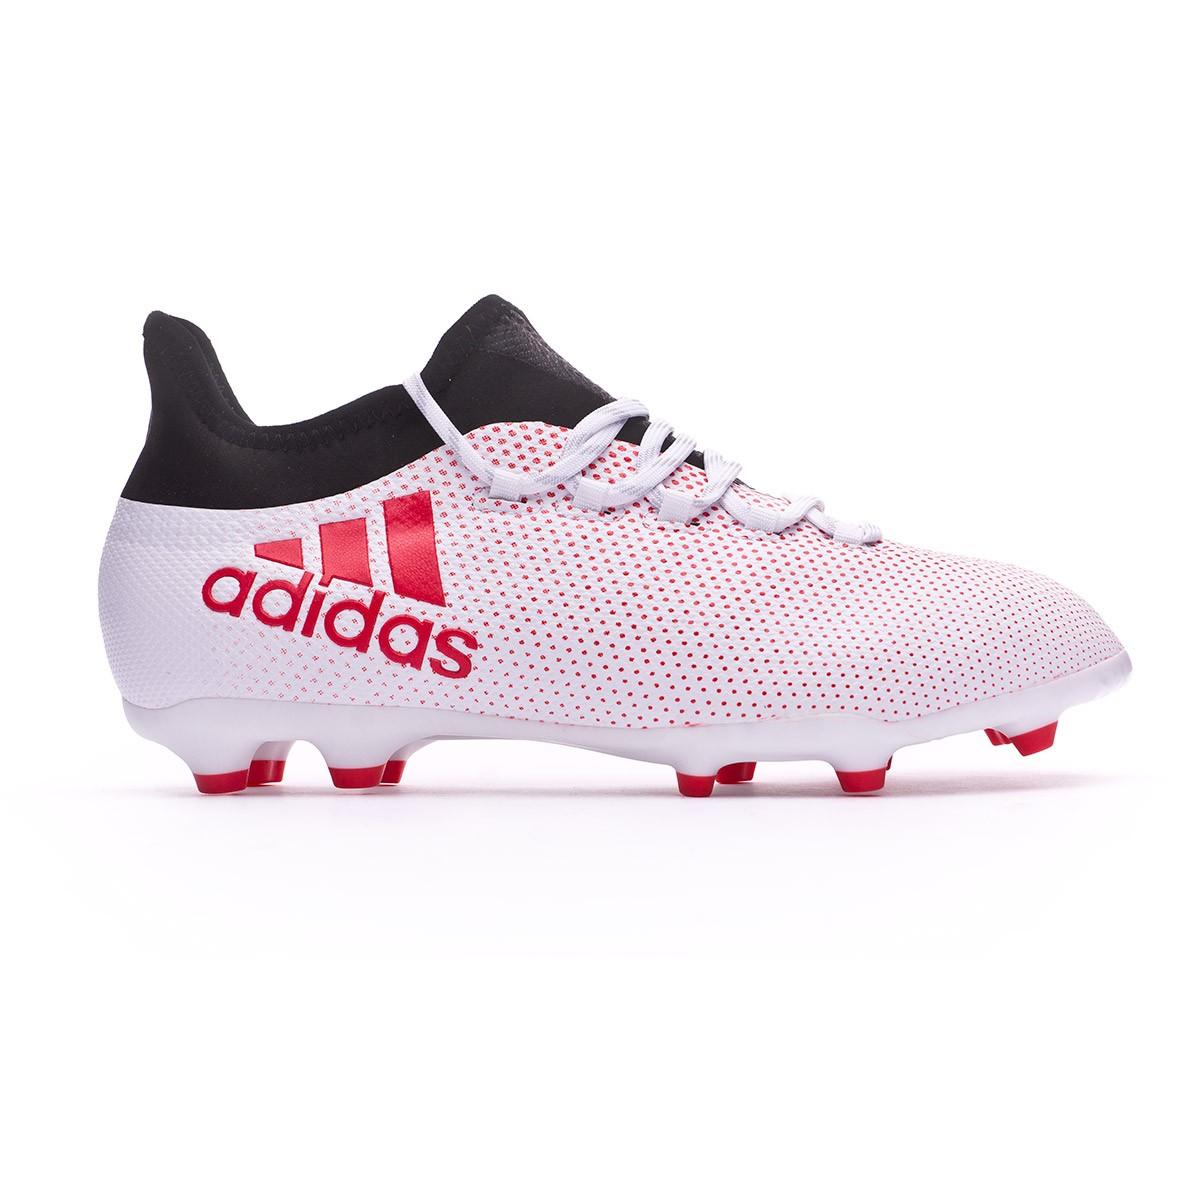 5c566771bd5 Football Boots adidas Kids X 17.1 FG Grey-Real coral-Core black - Tienda de  fútbol Fútbol Emotion